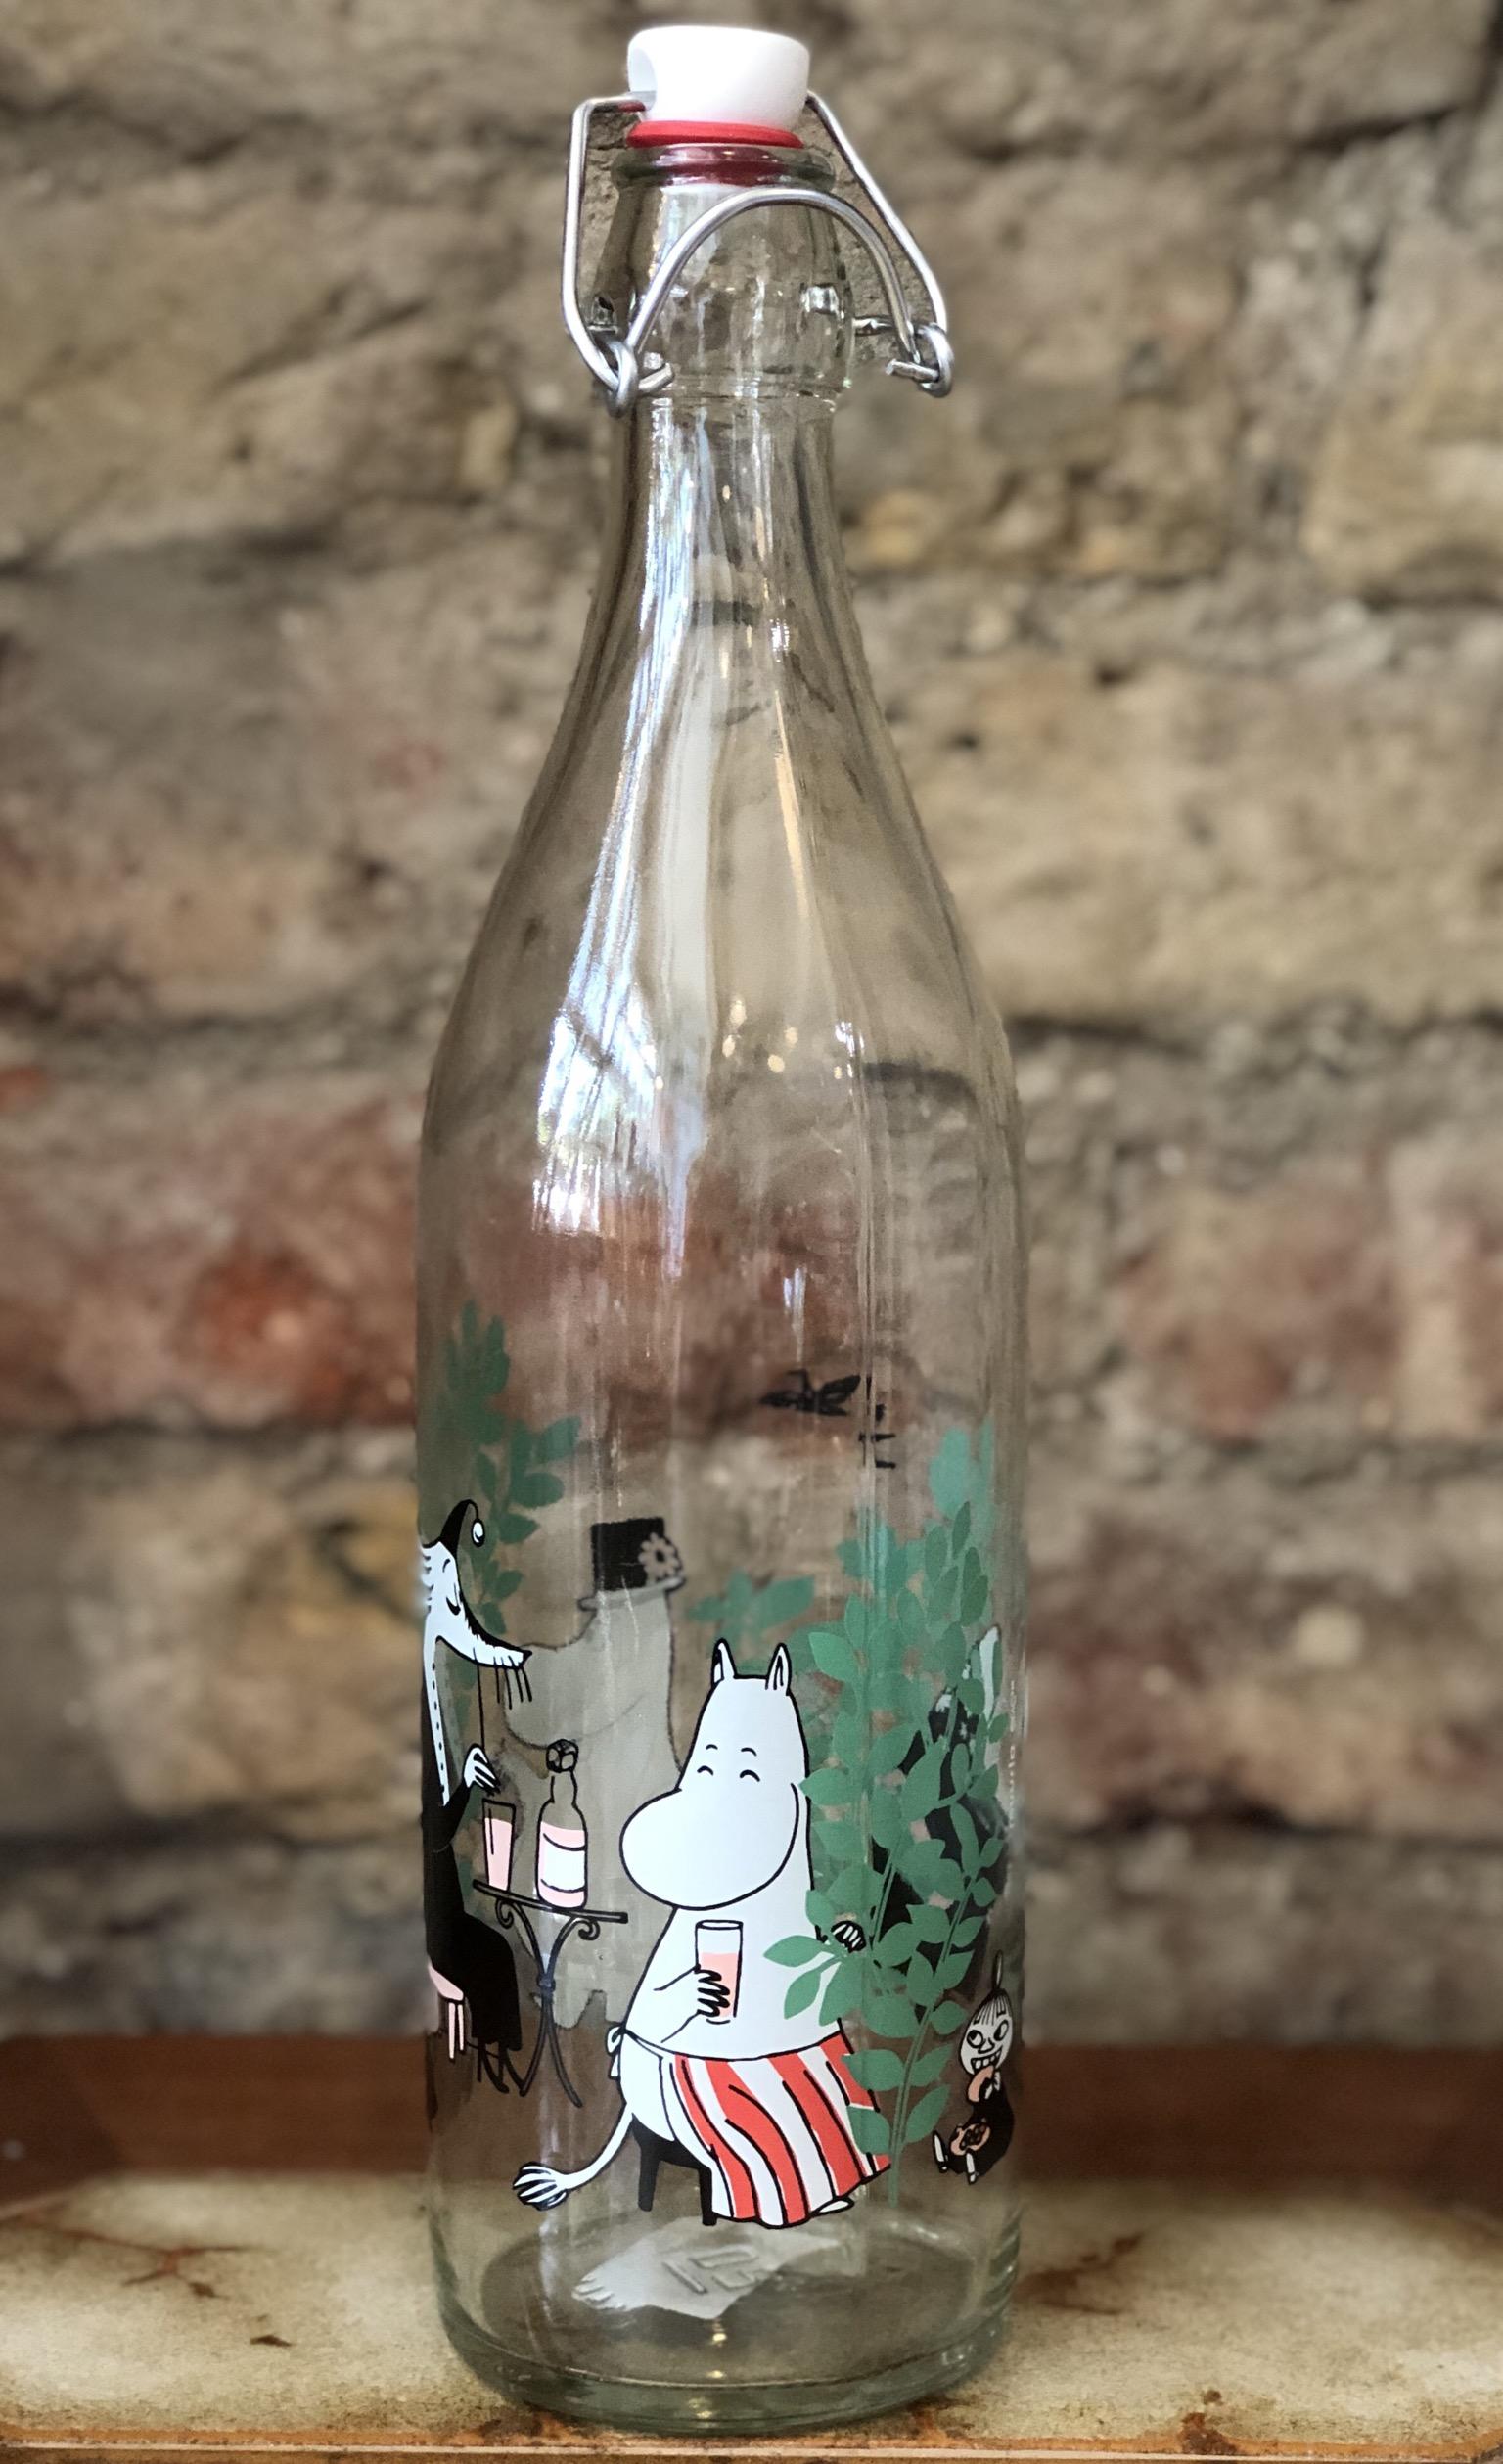 Water/Lemonade bottle